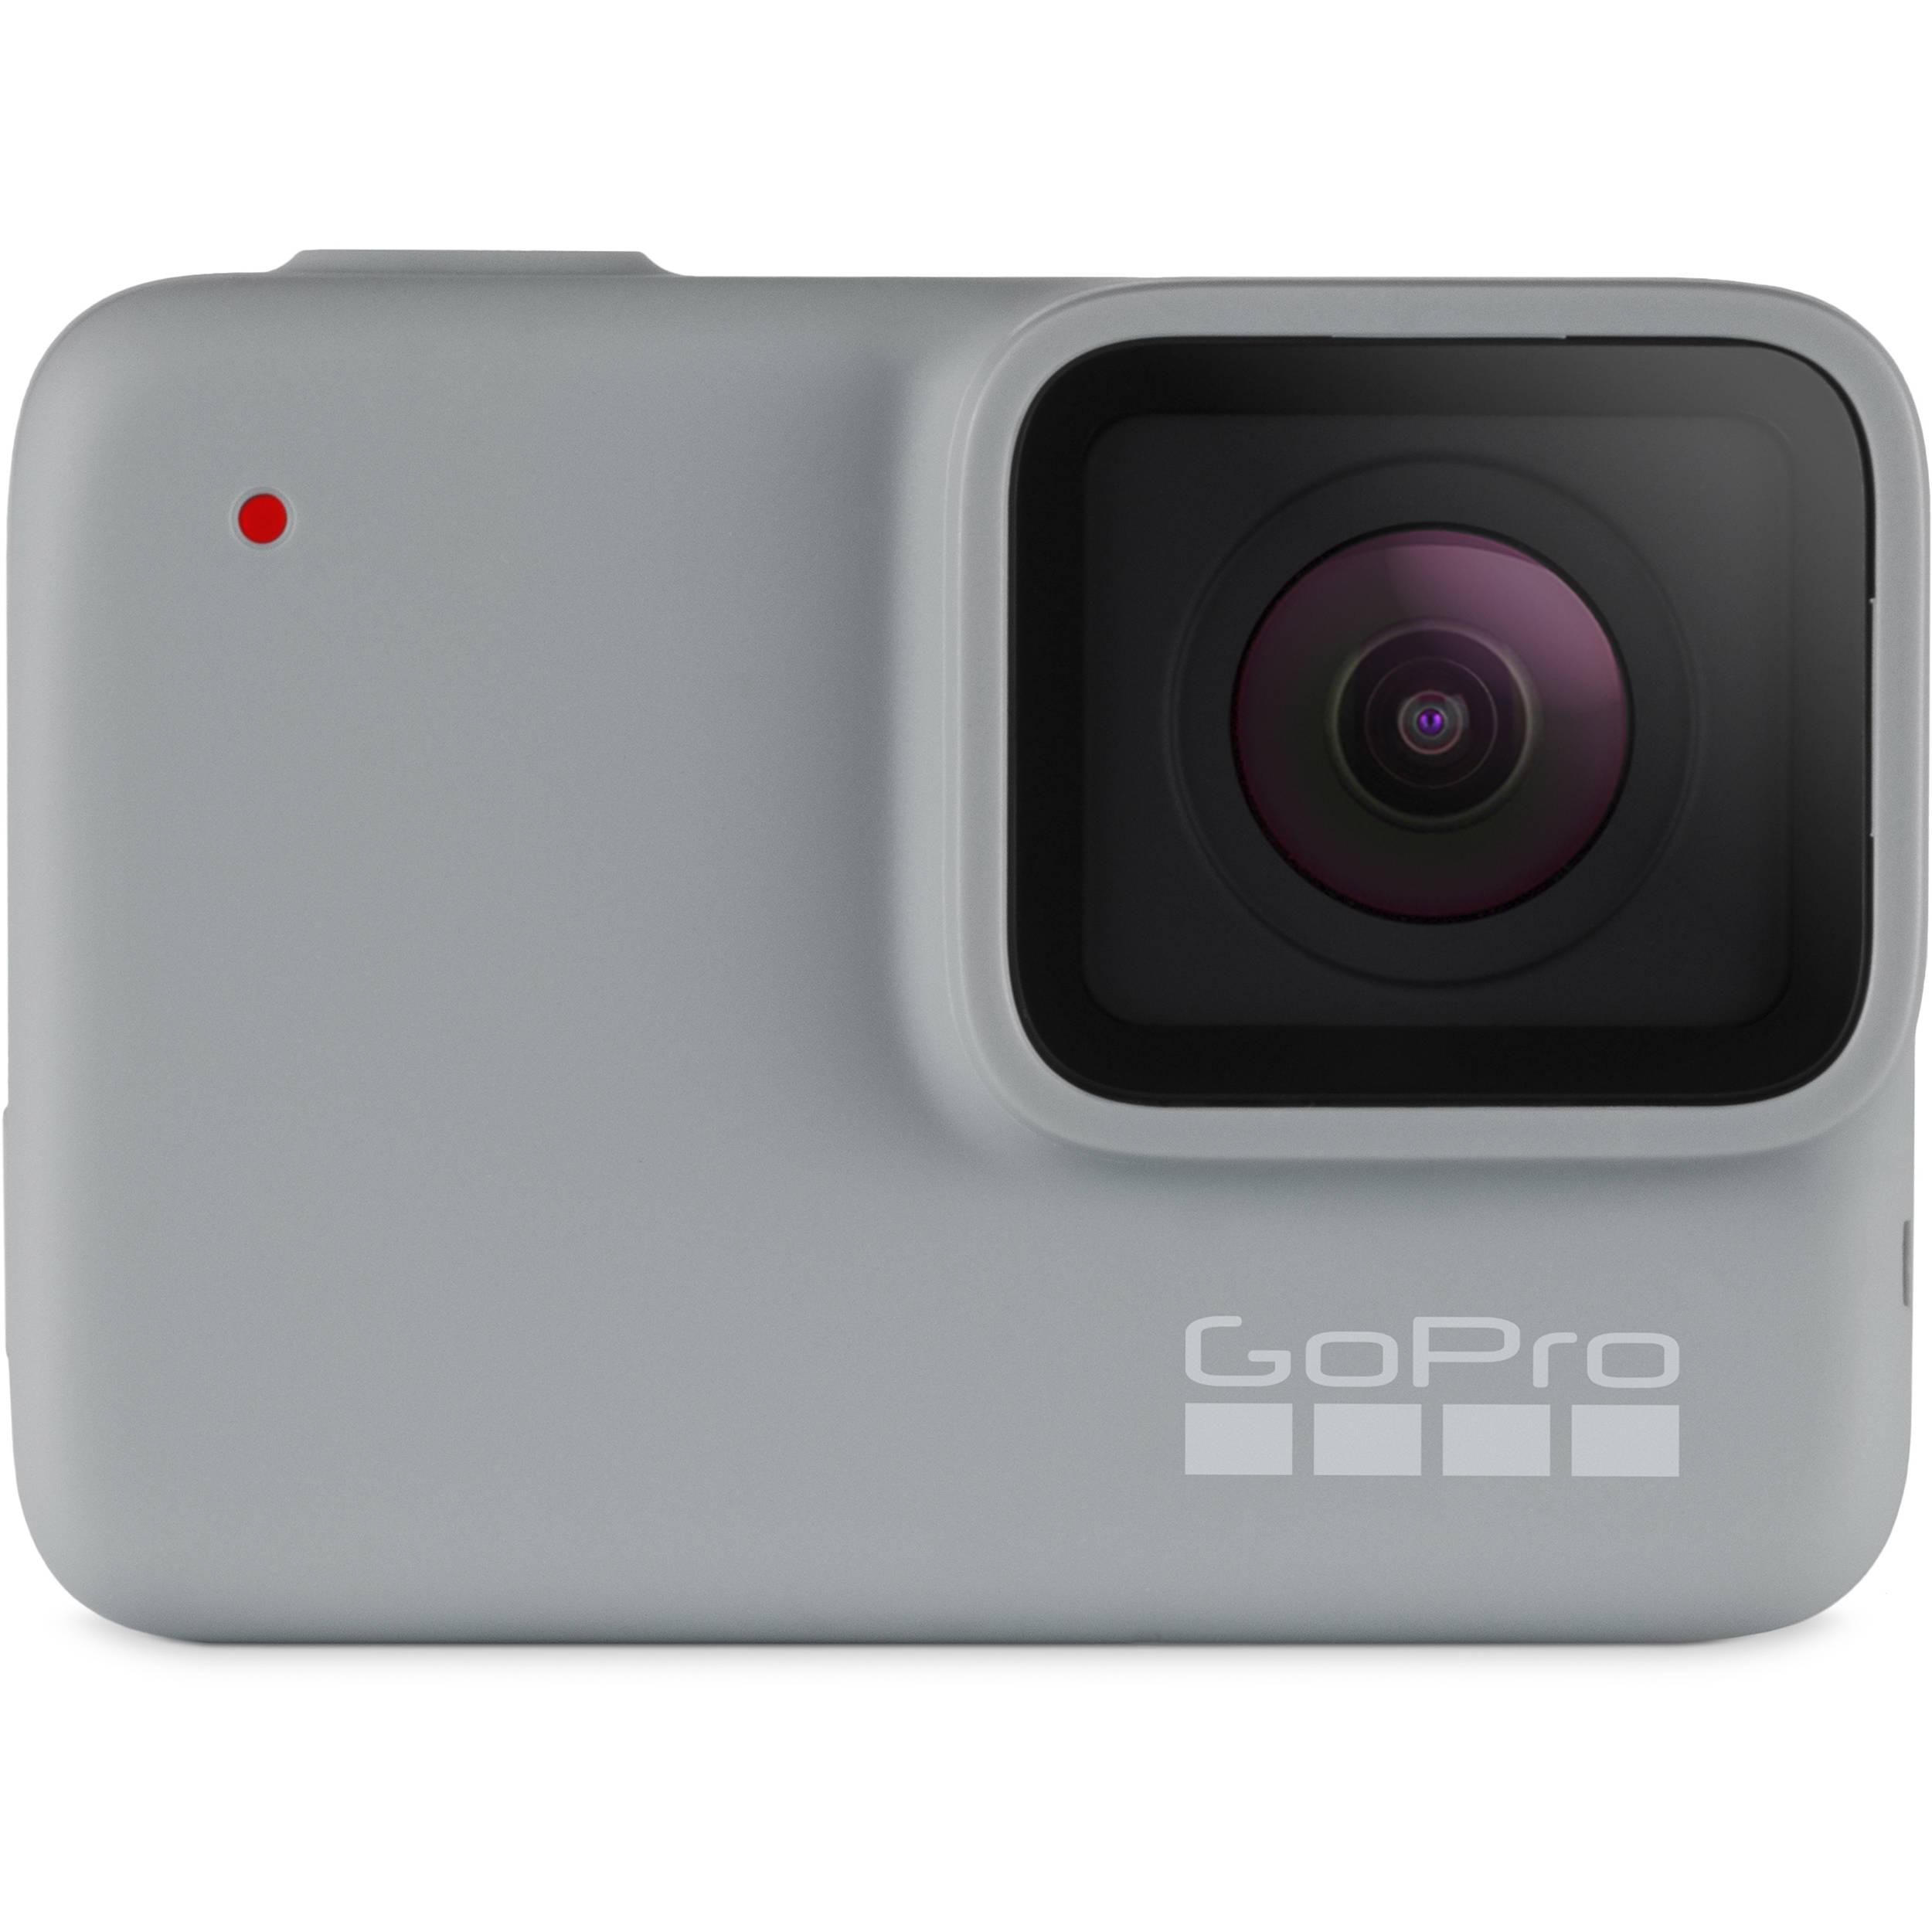 GoPro HERO7 White CHDHB-601 B&H Photo Video